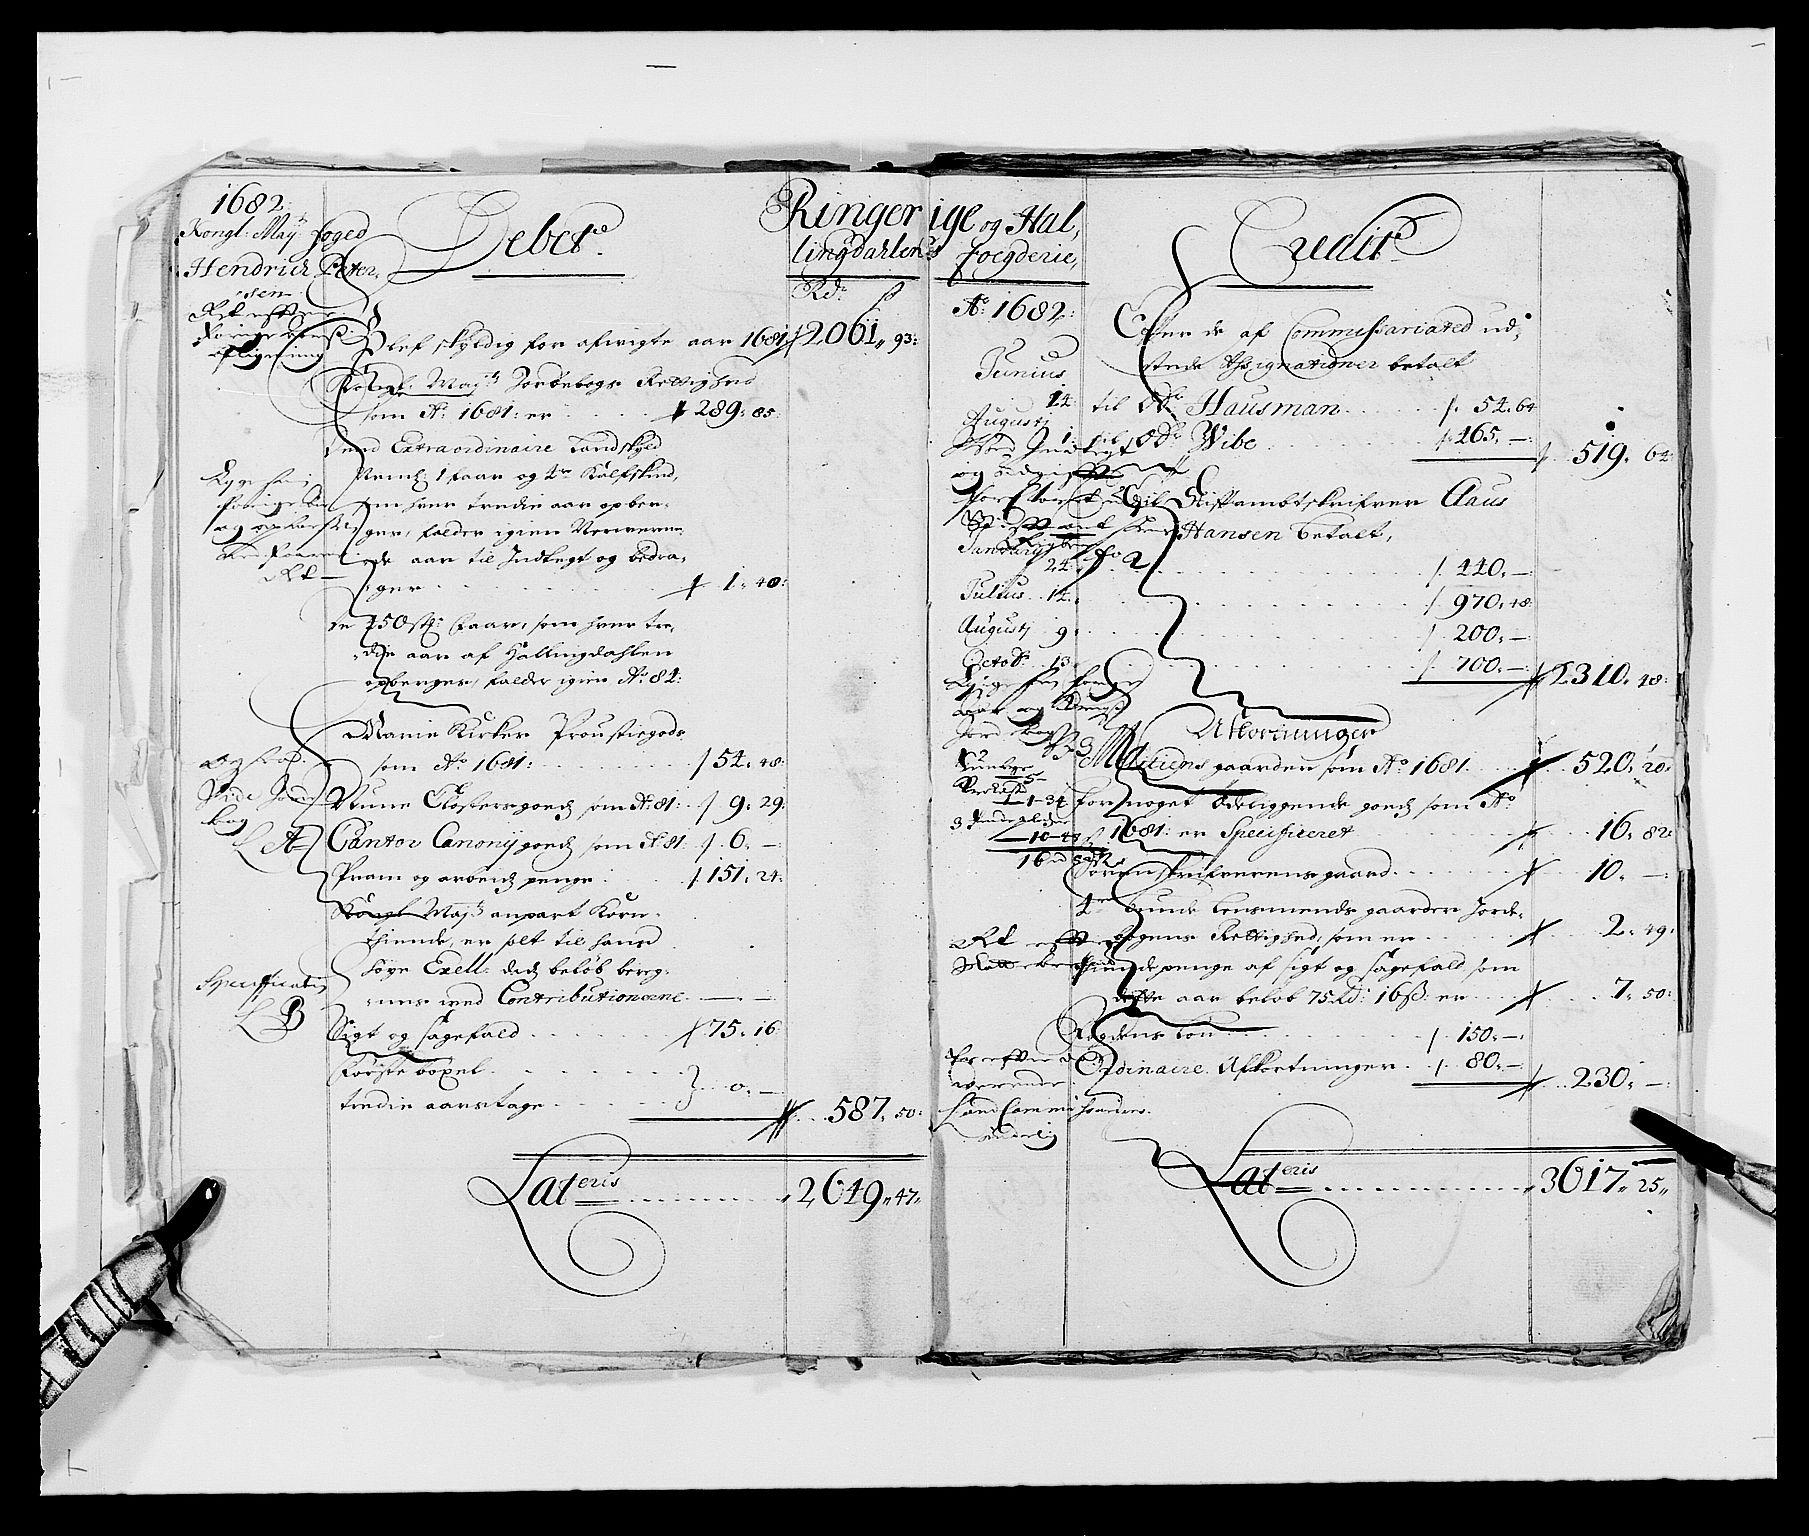 RA, Rentekammeret inntil 1814, Reviderte regnskaper, Fogderegnskap, R21/L1445: Fogderegnskap Ringerike og Hallingdal, 1681-1689, s. 6